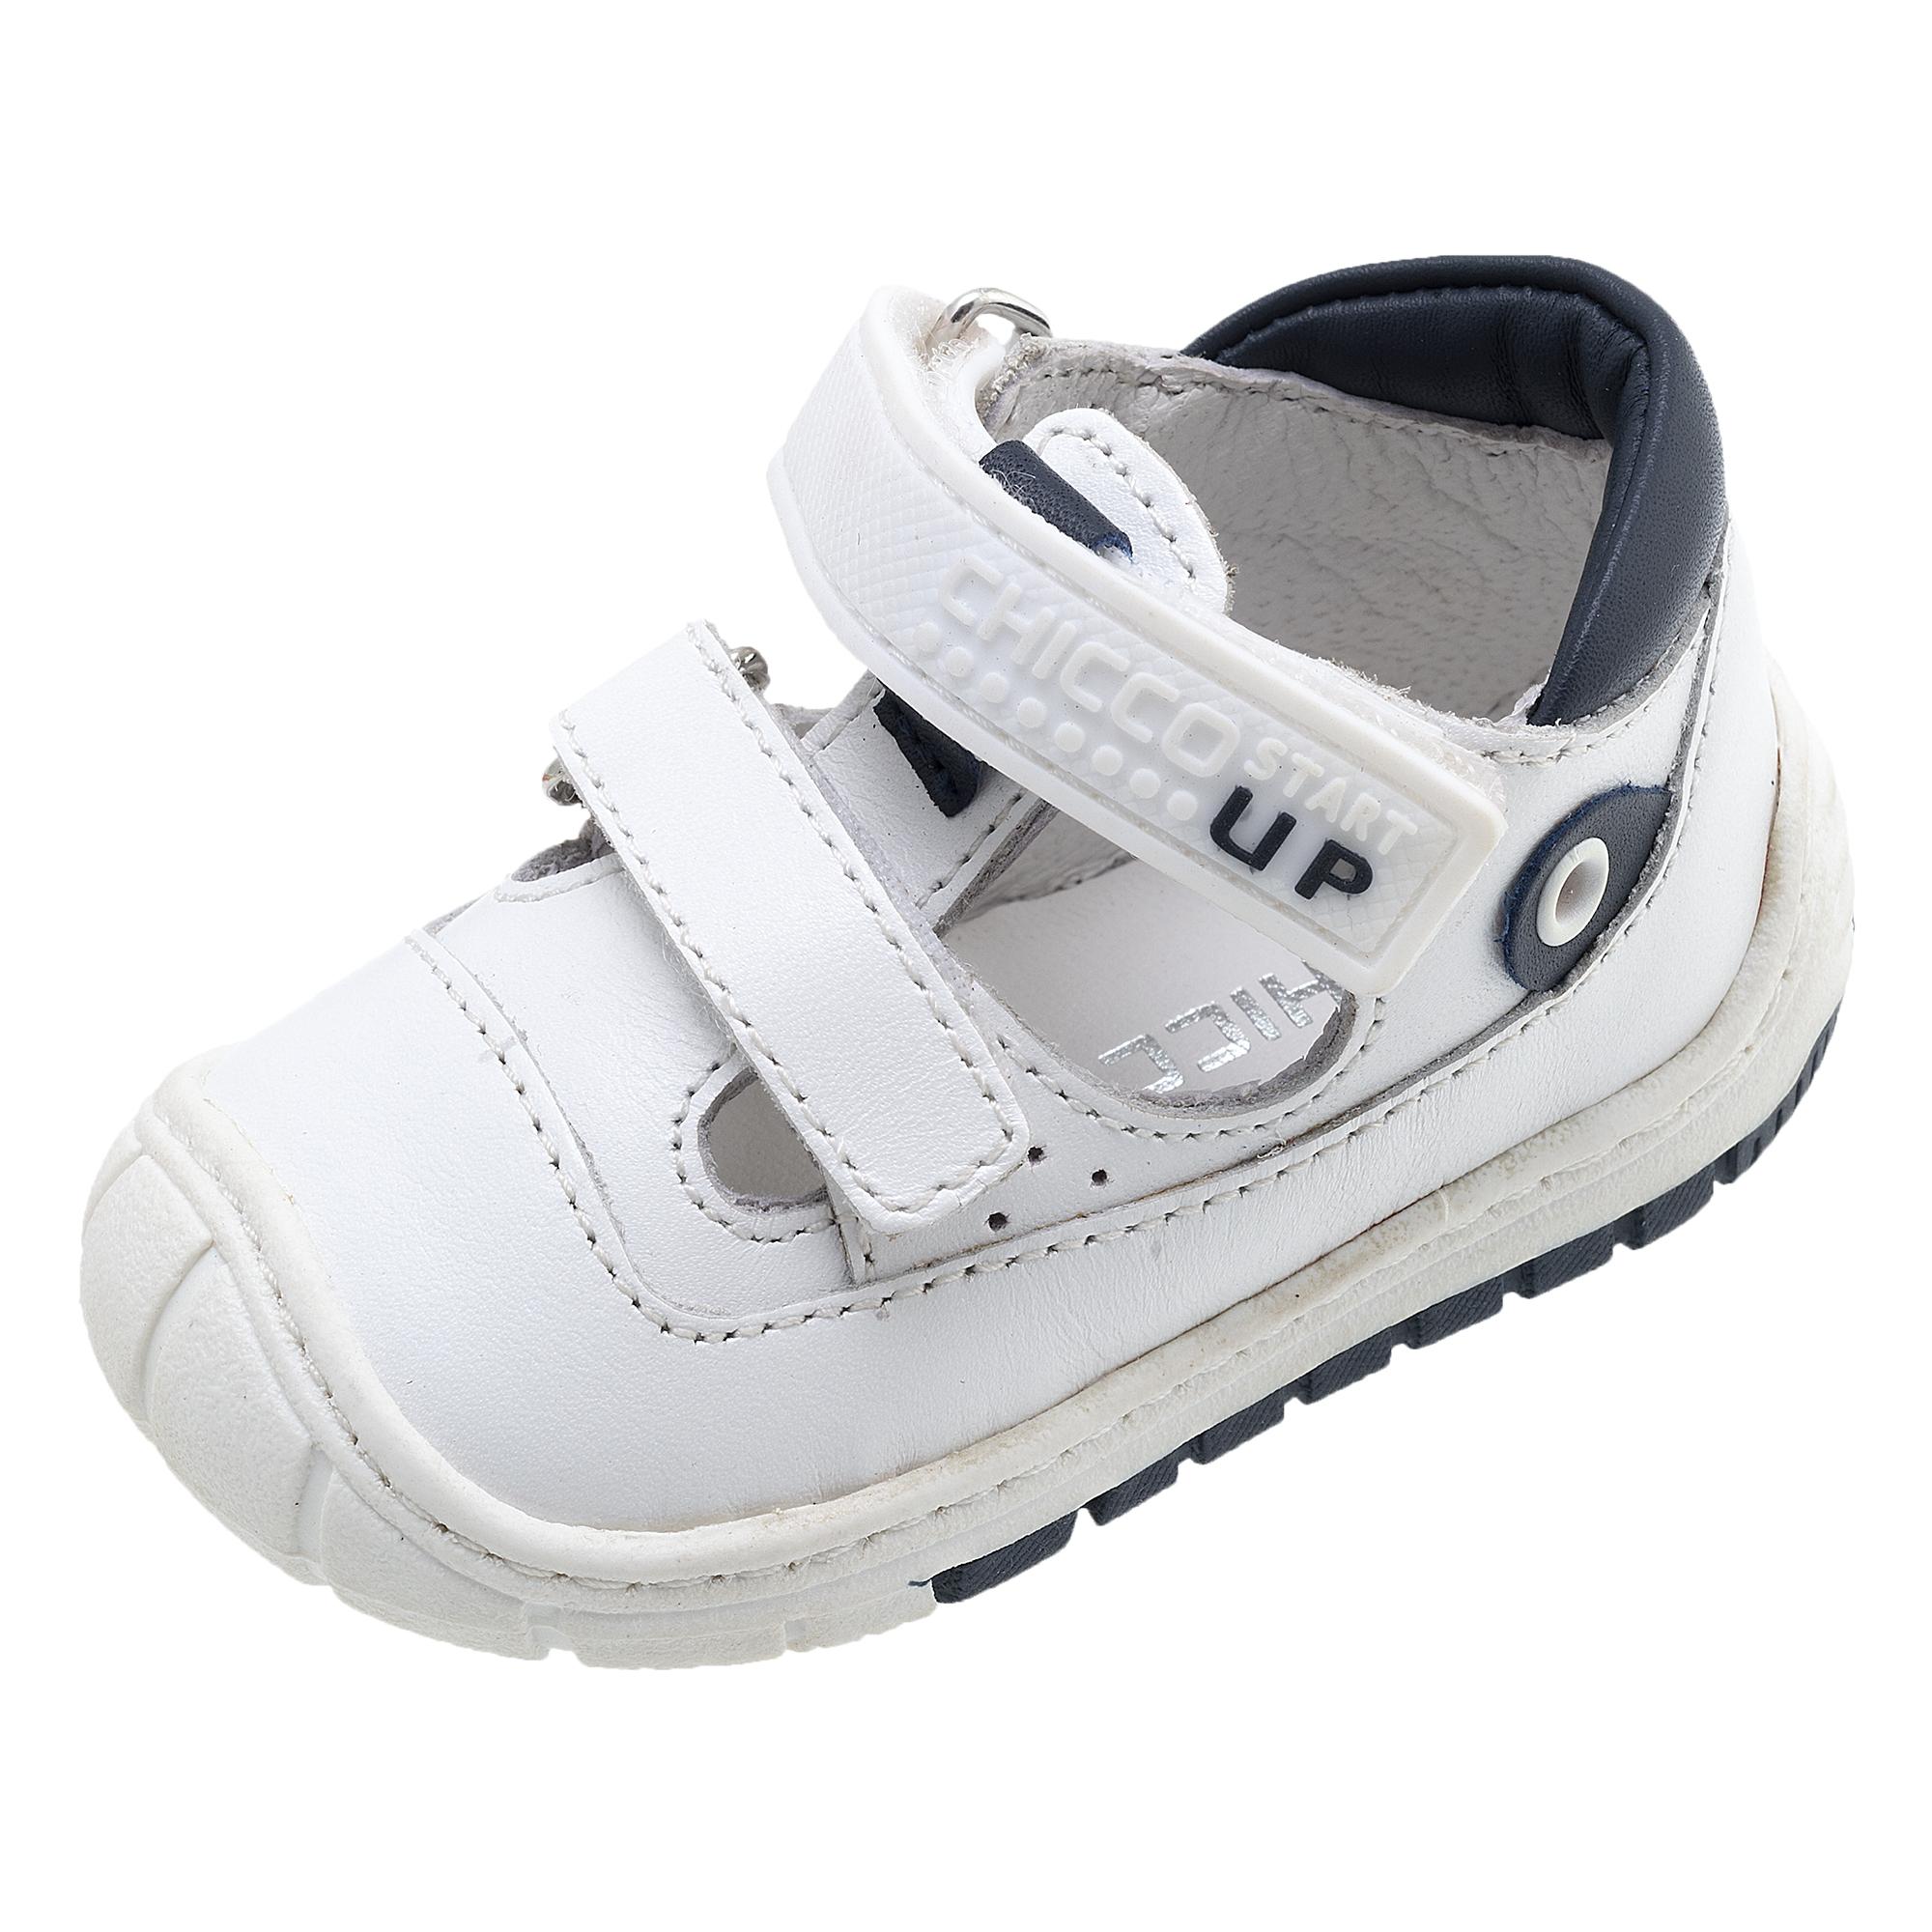 Adidasi copii Chicco Dario alb